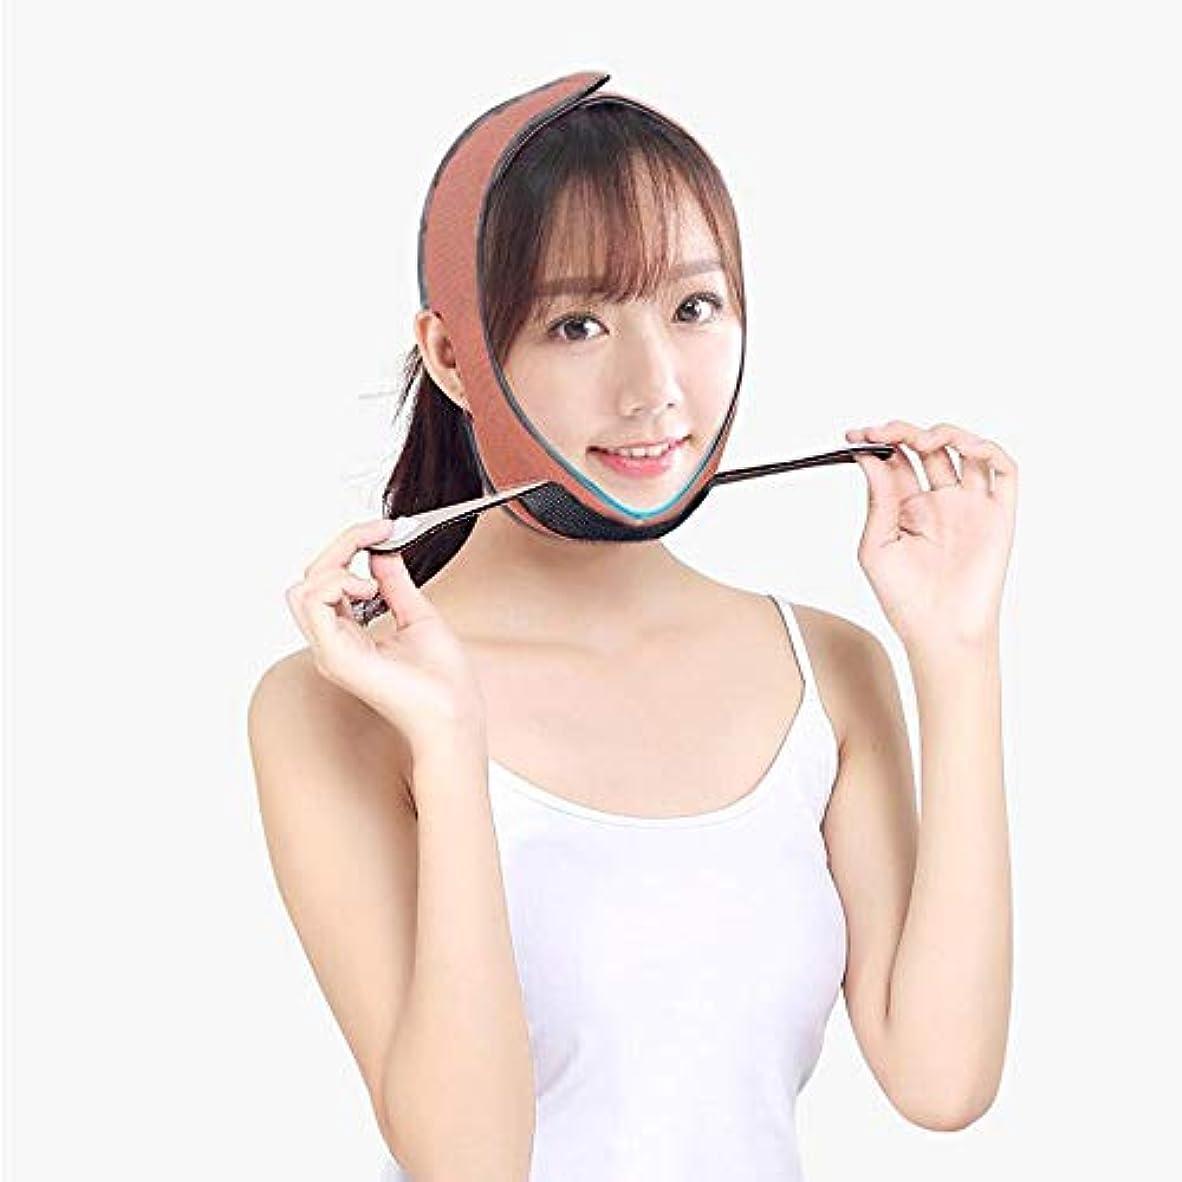 あいまいさウッズスナップフェイシャルリフティングスリミングベルト - 薄いフェイス包帯Vフェイス包帯マスクフェイシャルマッサージャー無料整形マスク顔と首の顔を引き締めますスリム